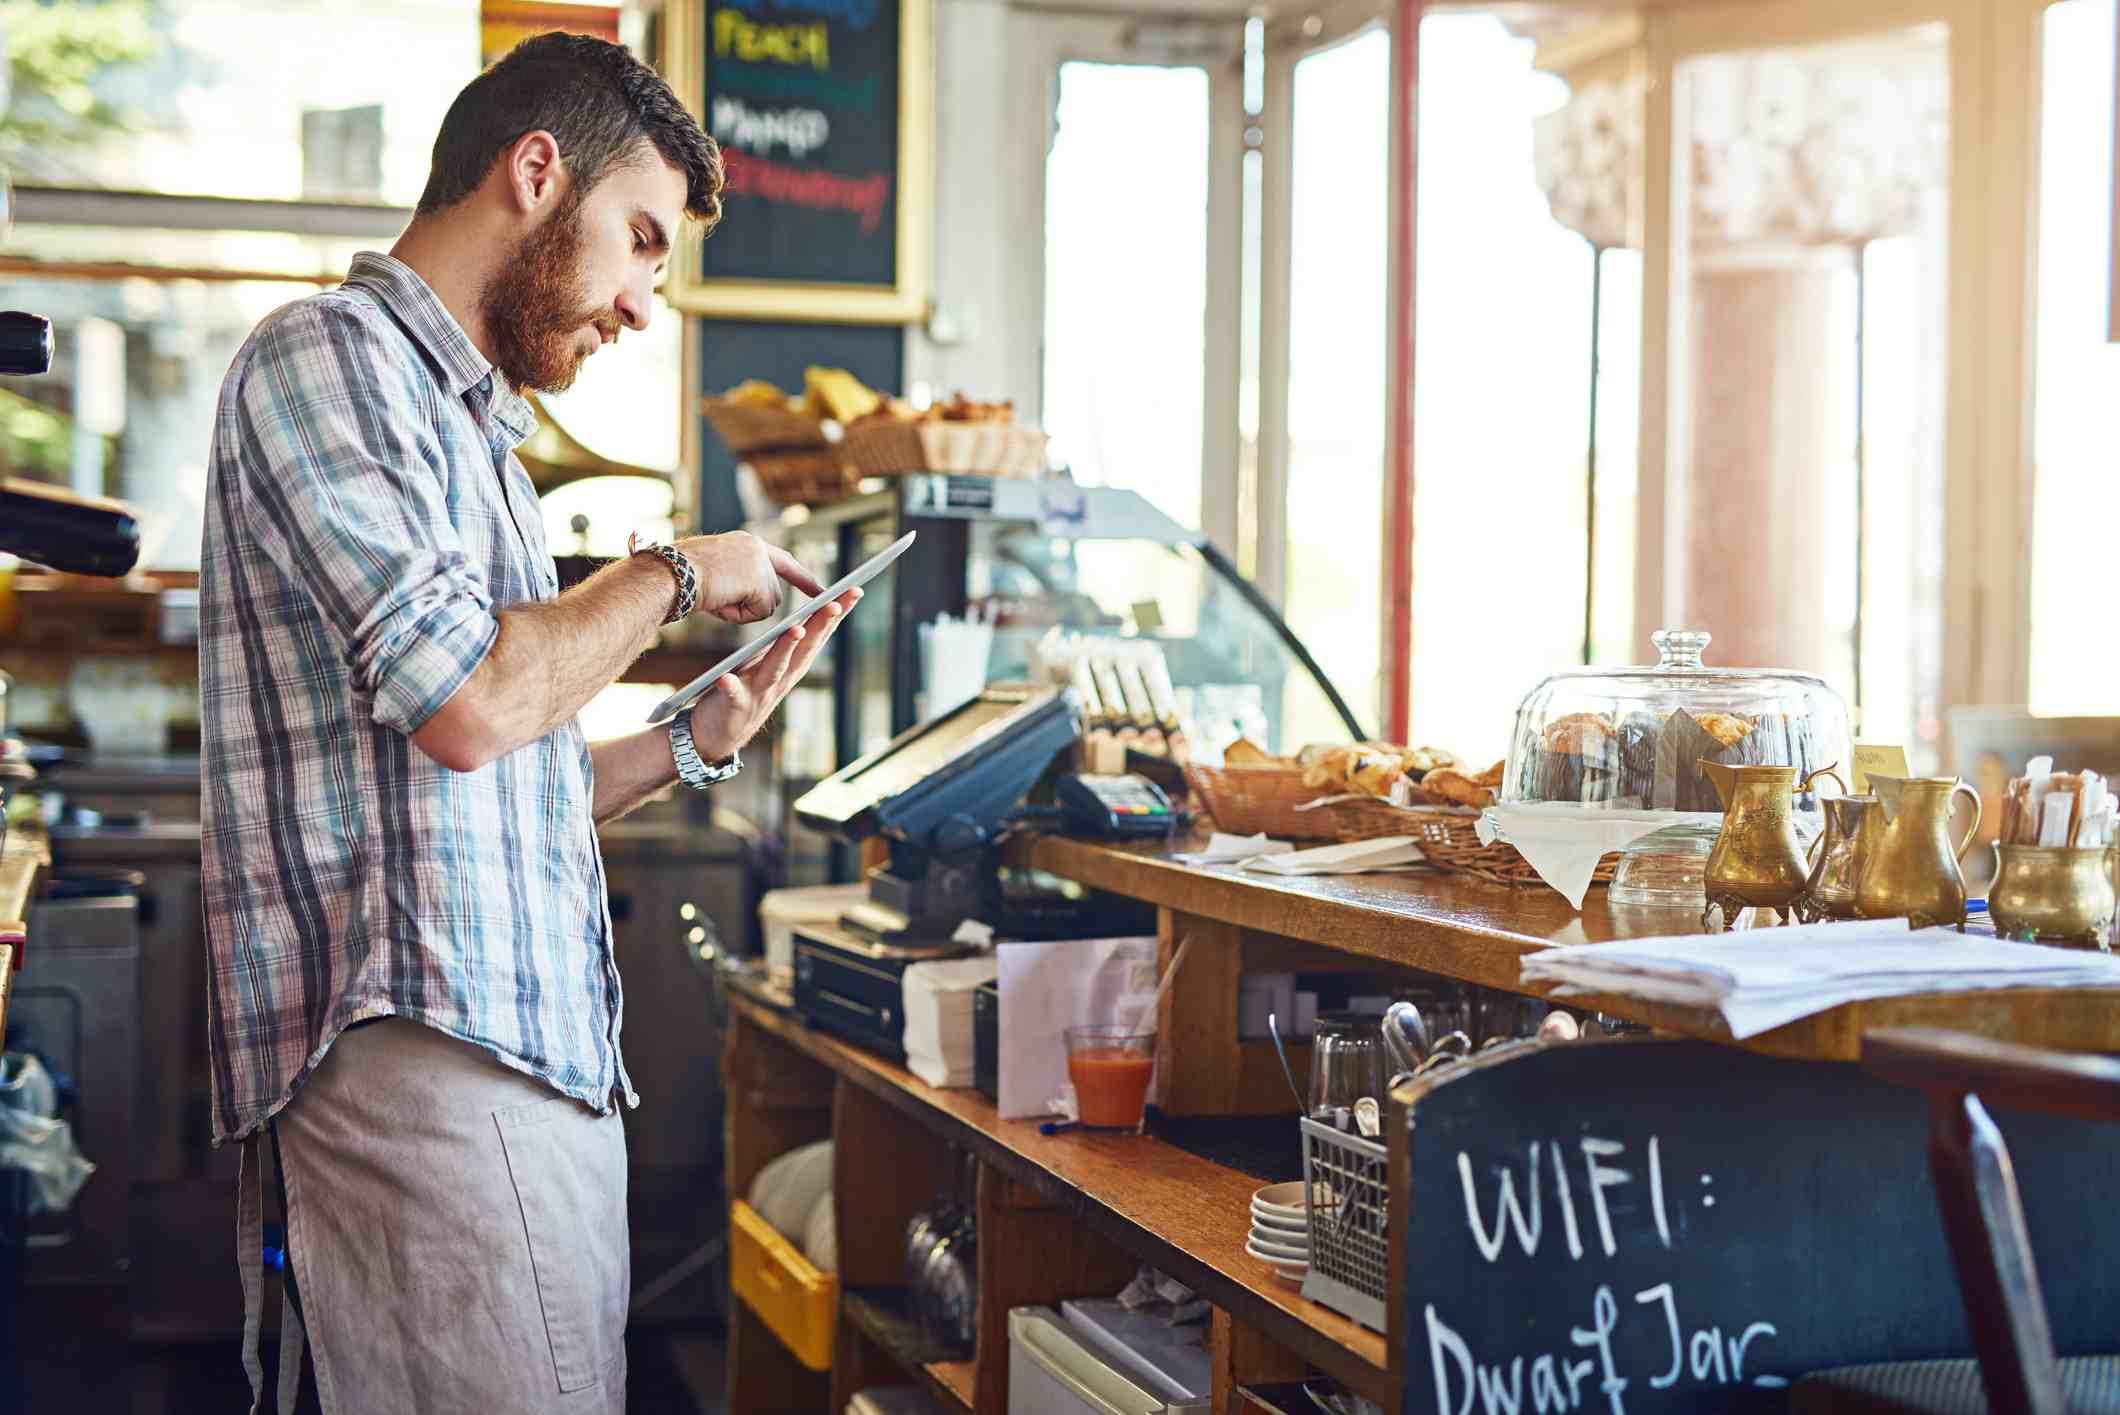 Man working in coffee shop using iPad